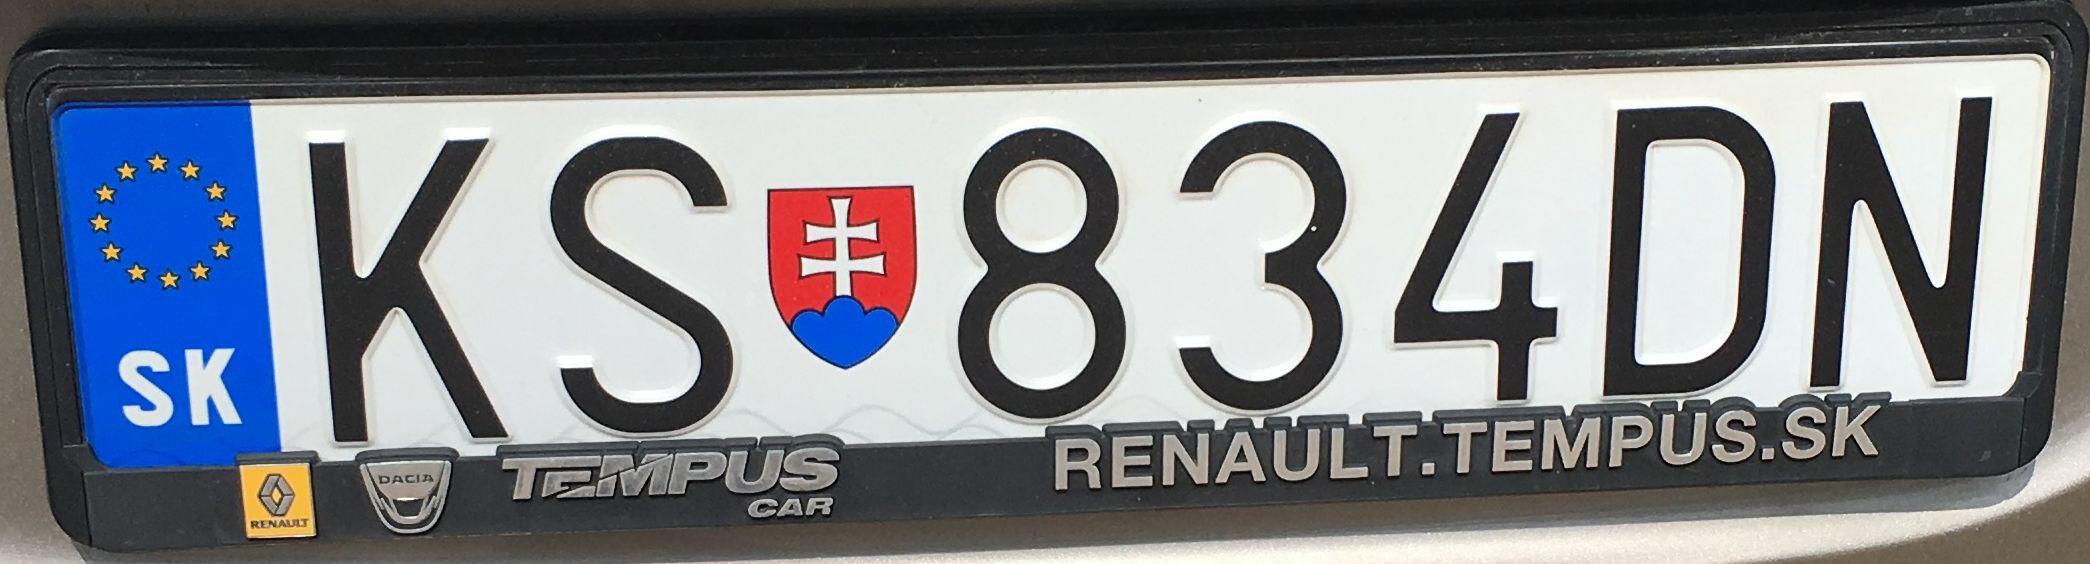 Registrační značka Slovensko - KS - Košice-venkov, foto:www.podalnici.cz